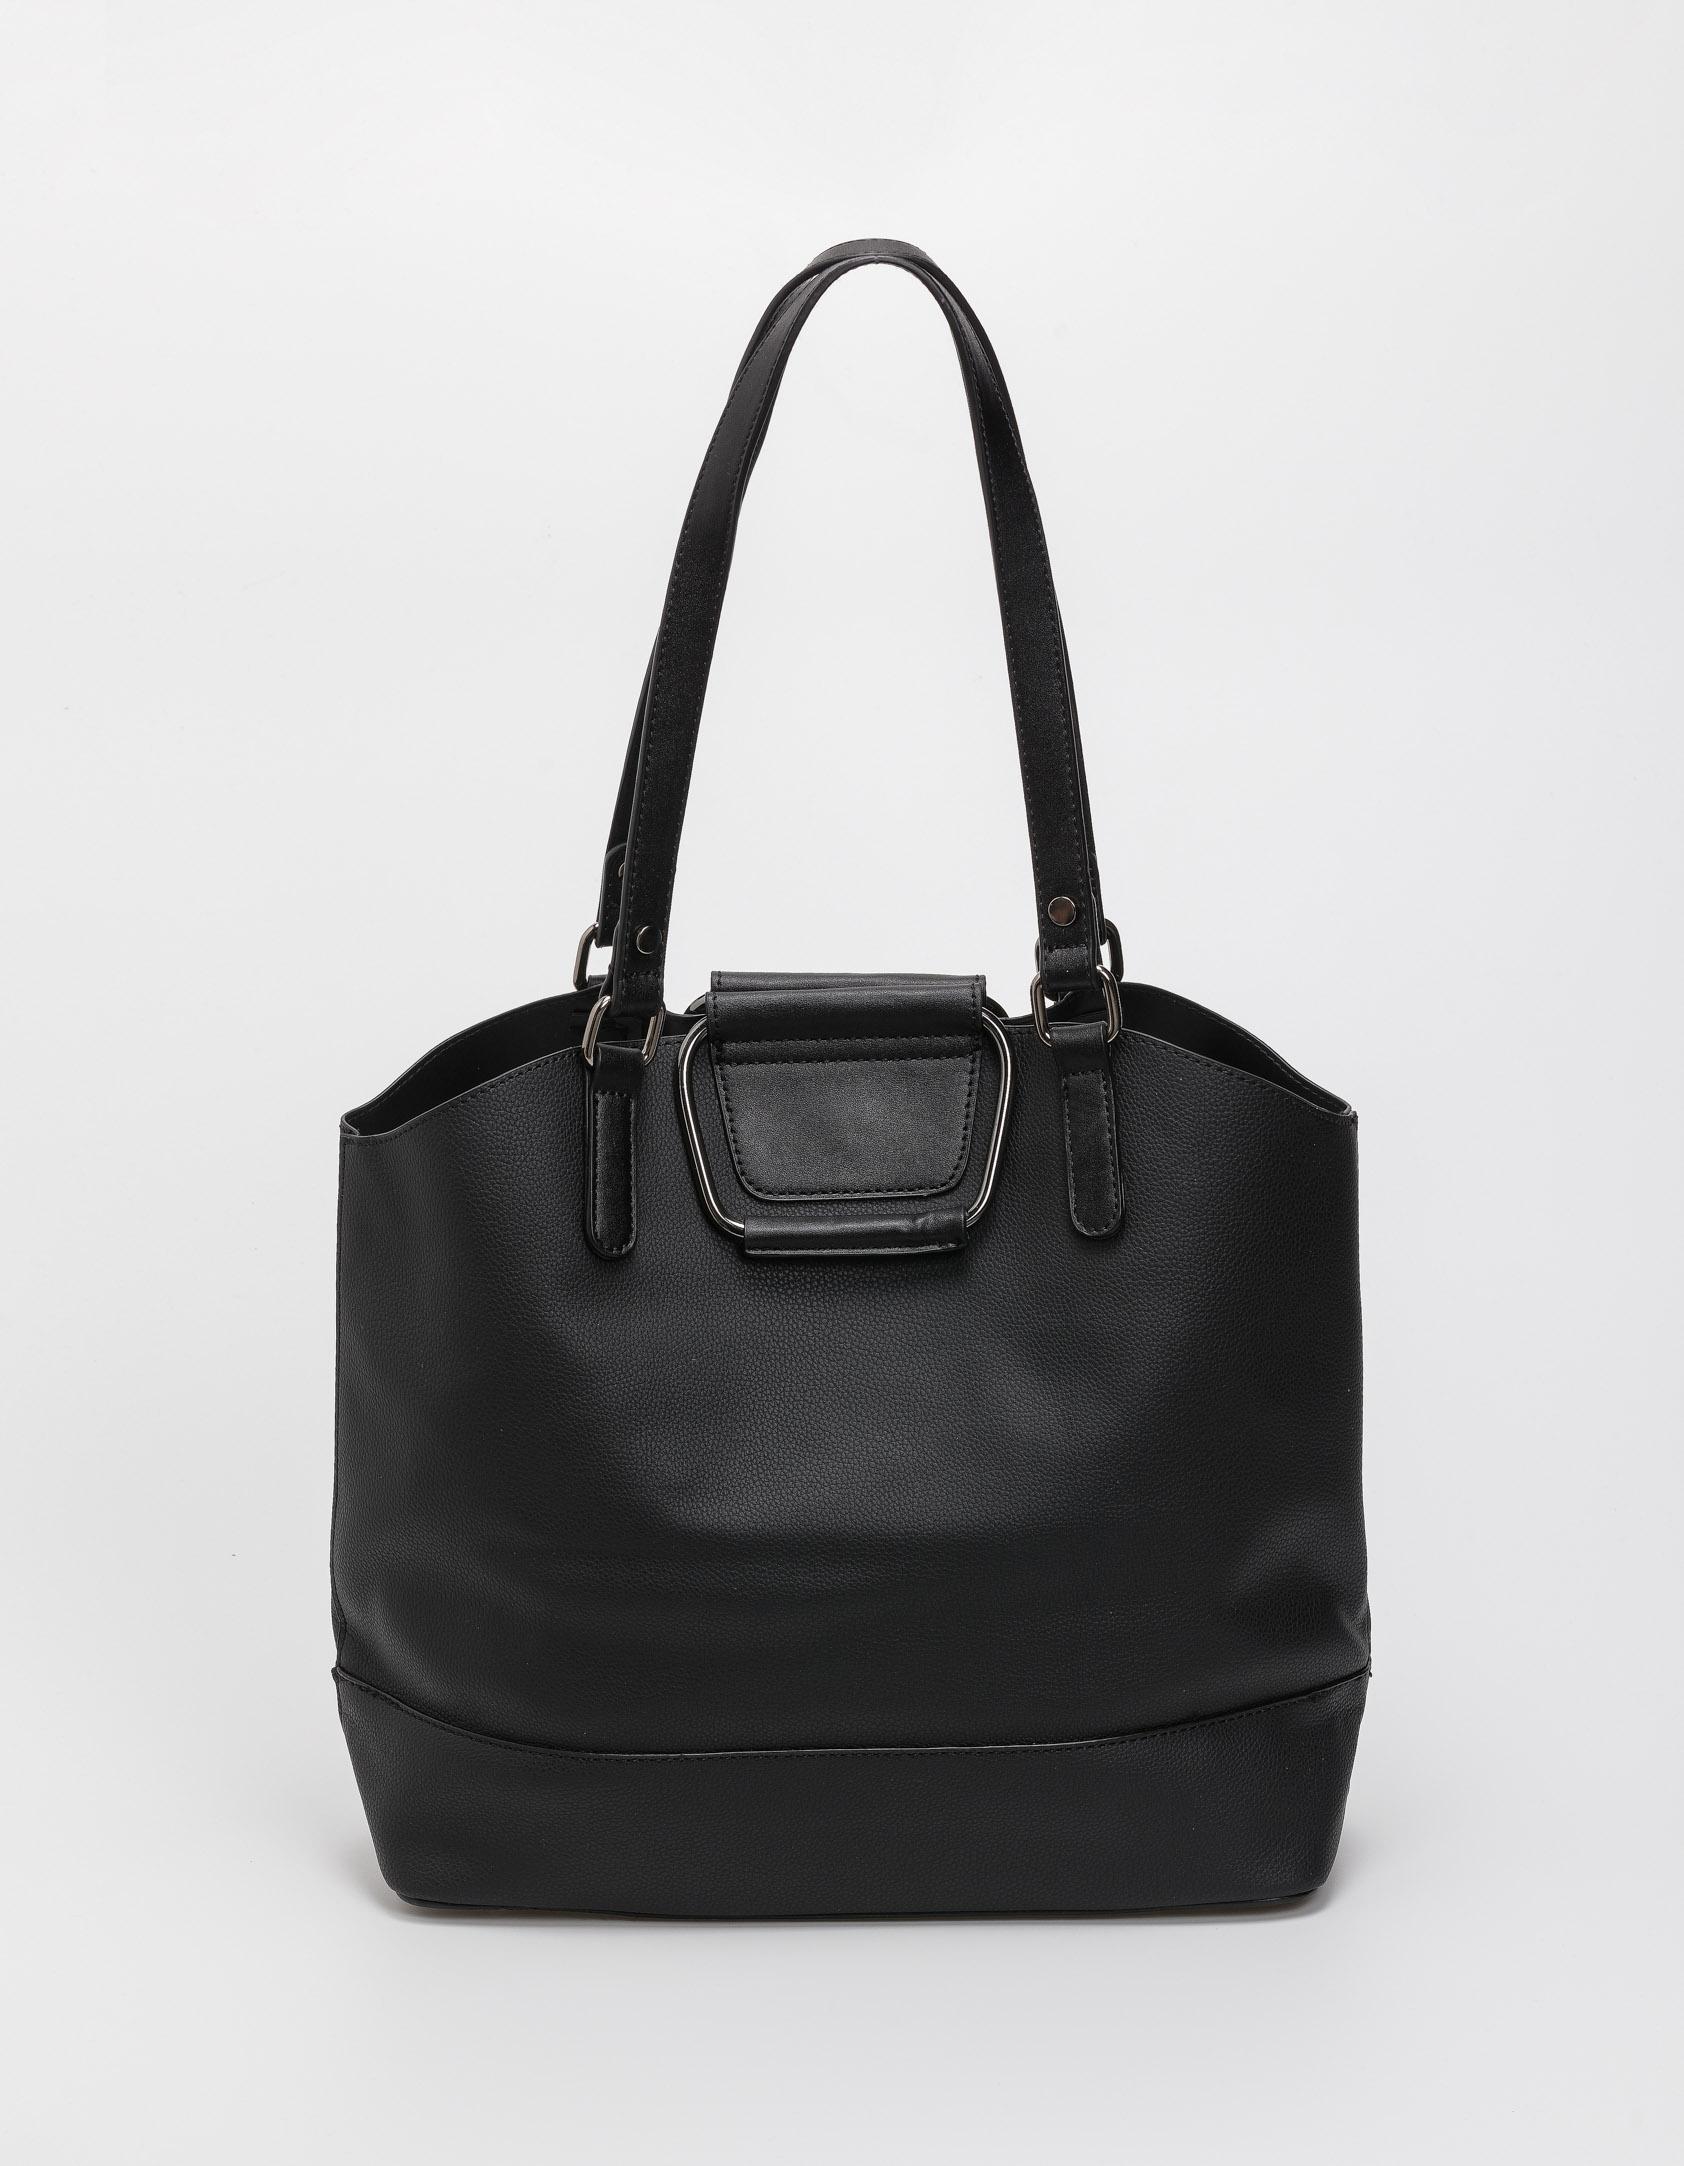 Τσάντα ώμου με μεταλλικές λεπτομέρειες - Μαύρο